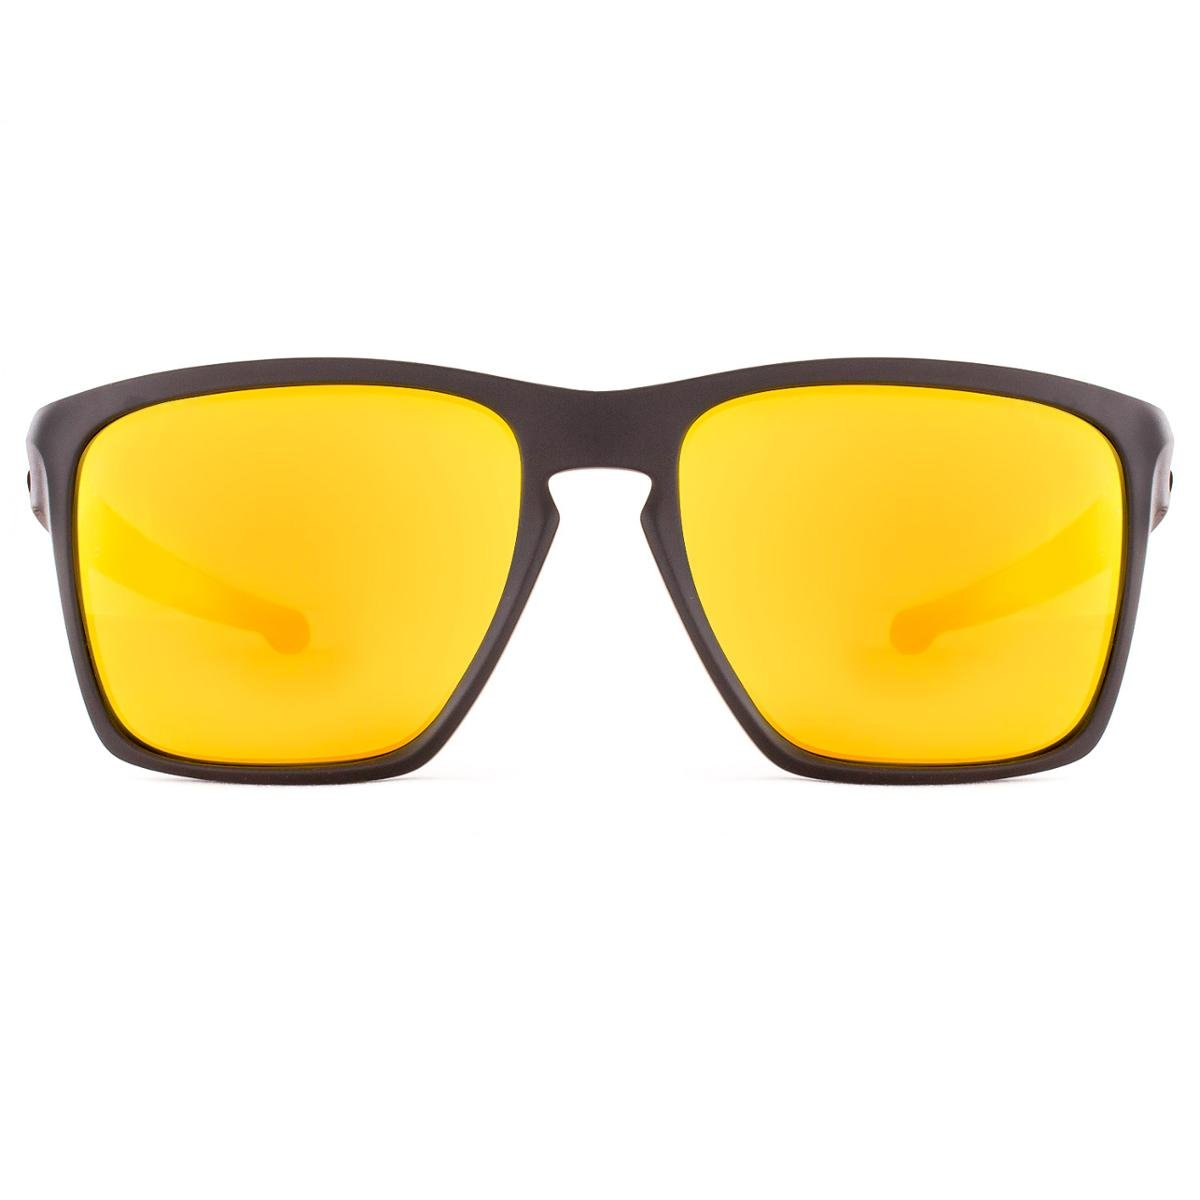 Óculos de Sol Oakley Sliver XL OO9341L 07-57 Masculino - Preto ... 7ecb92c9d0